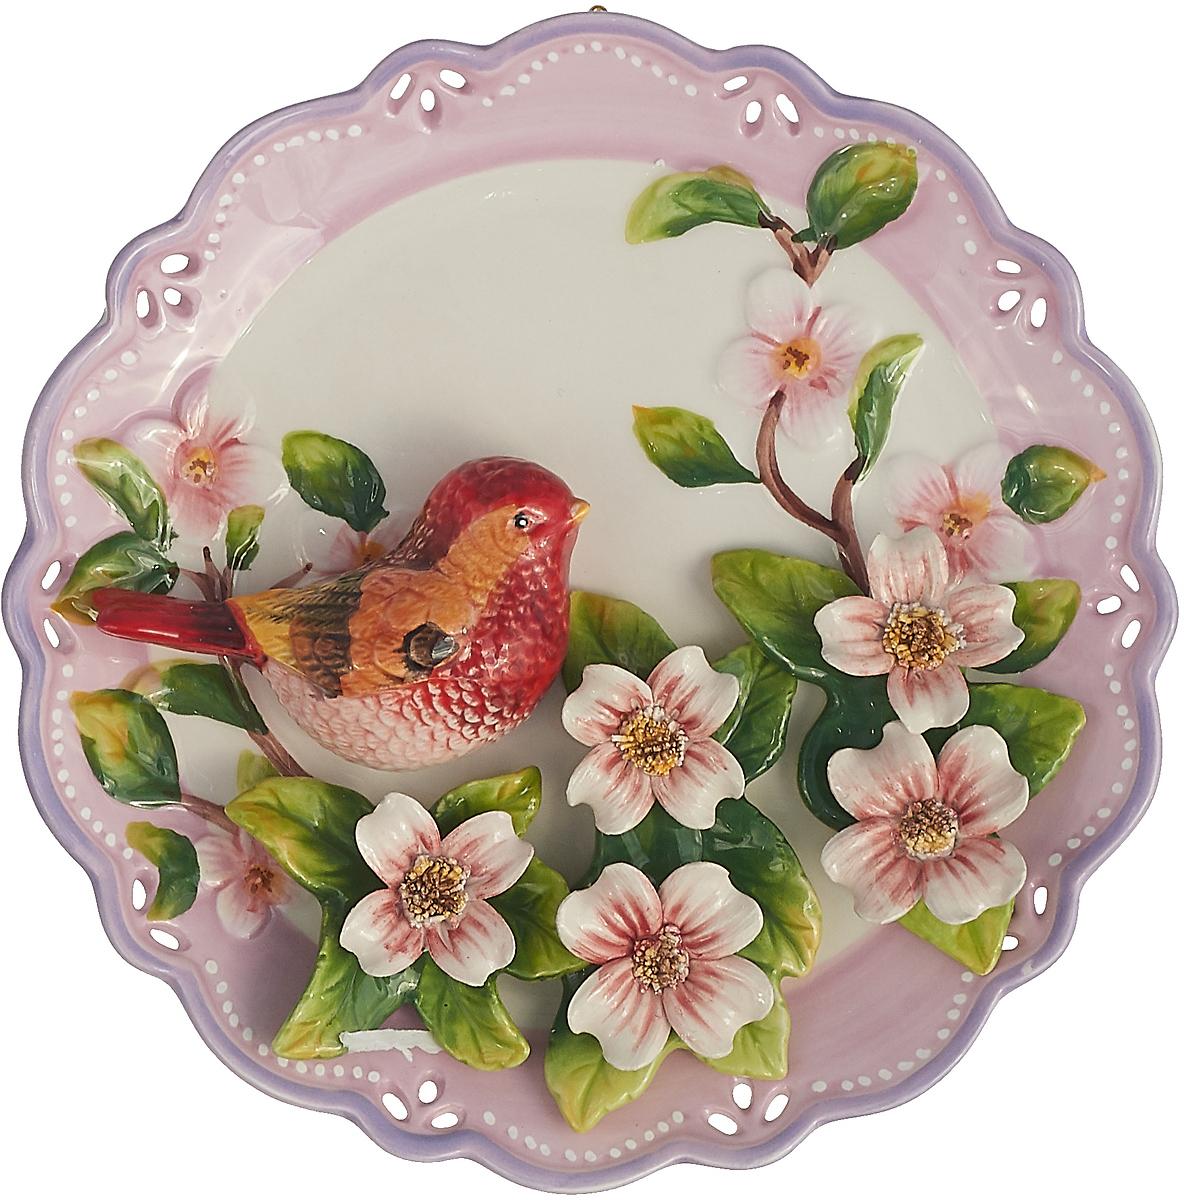 """Декоративная тарелка Lefard Птица, 59-172, розовый, 20 х 20 х 5 см тарелка суповая lefard екатерина 19 х 19 х 5 см k301 7 5"""" 2"""